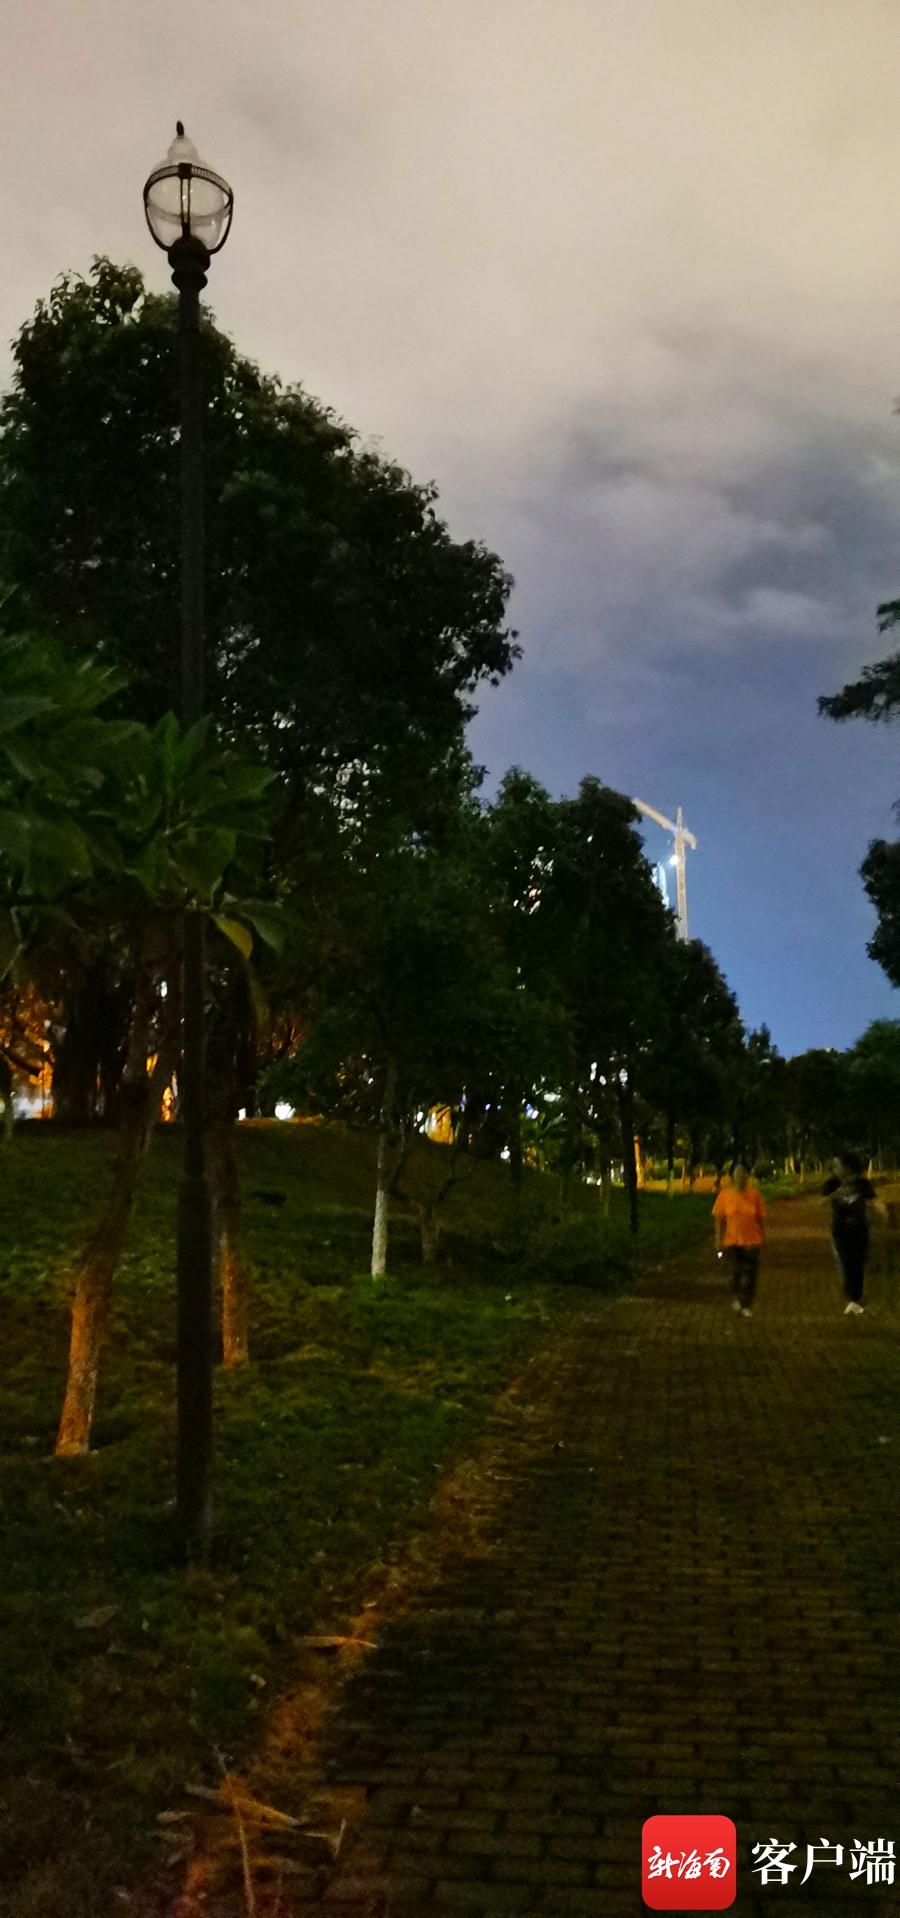 台风过后海口挺秀公园照明灯熄火 相关人员:线路老化将尽快修复